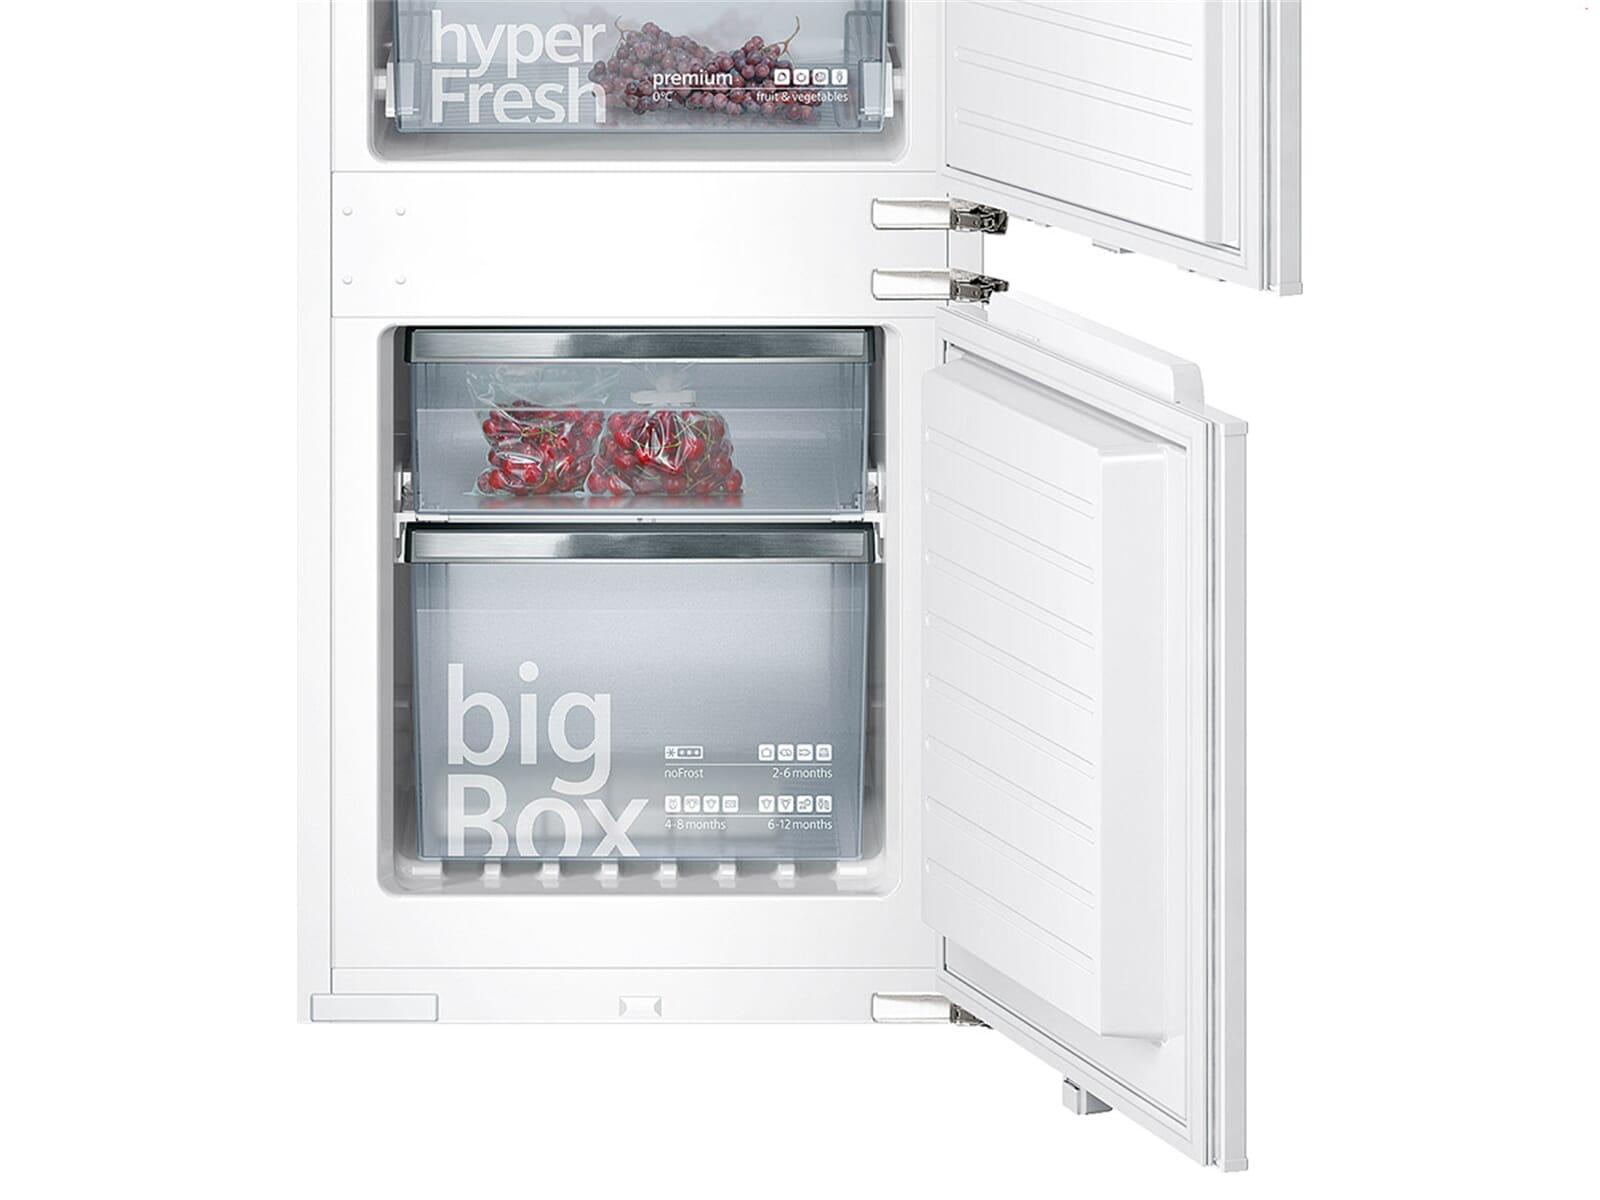 Siemens Kühlschrank Gefrierfach Abtauen : Siemens kühl gefrierkombination gefrierfach abtauen gefrierfach